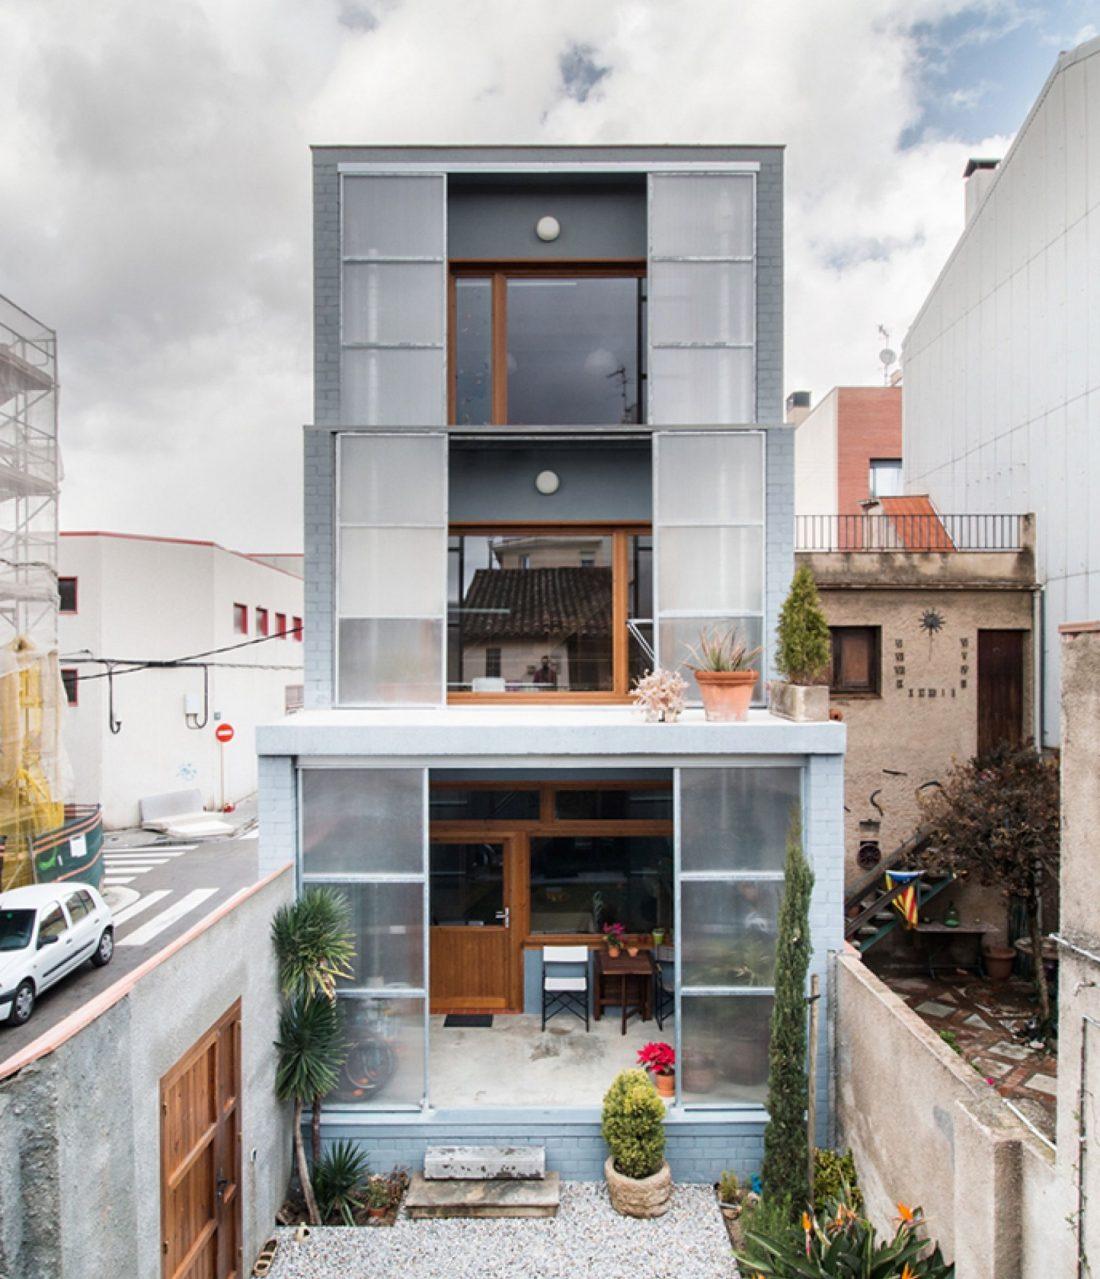 trehetazhnyj-dom-v-barselone-po-proektu-studii-h-arquitectes-16